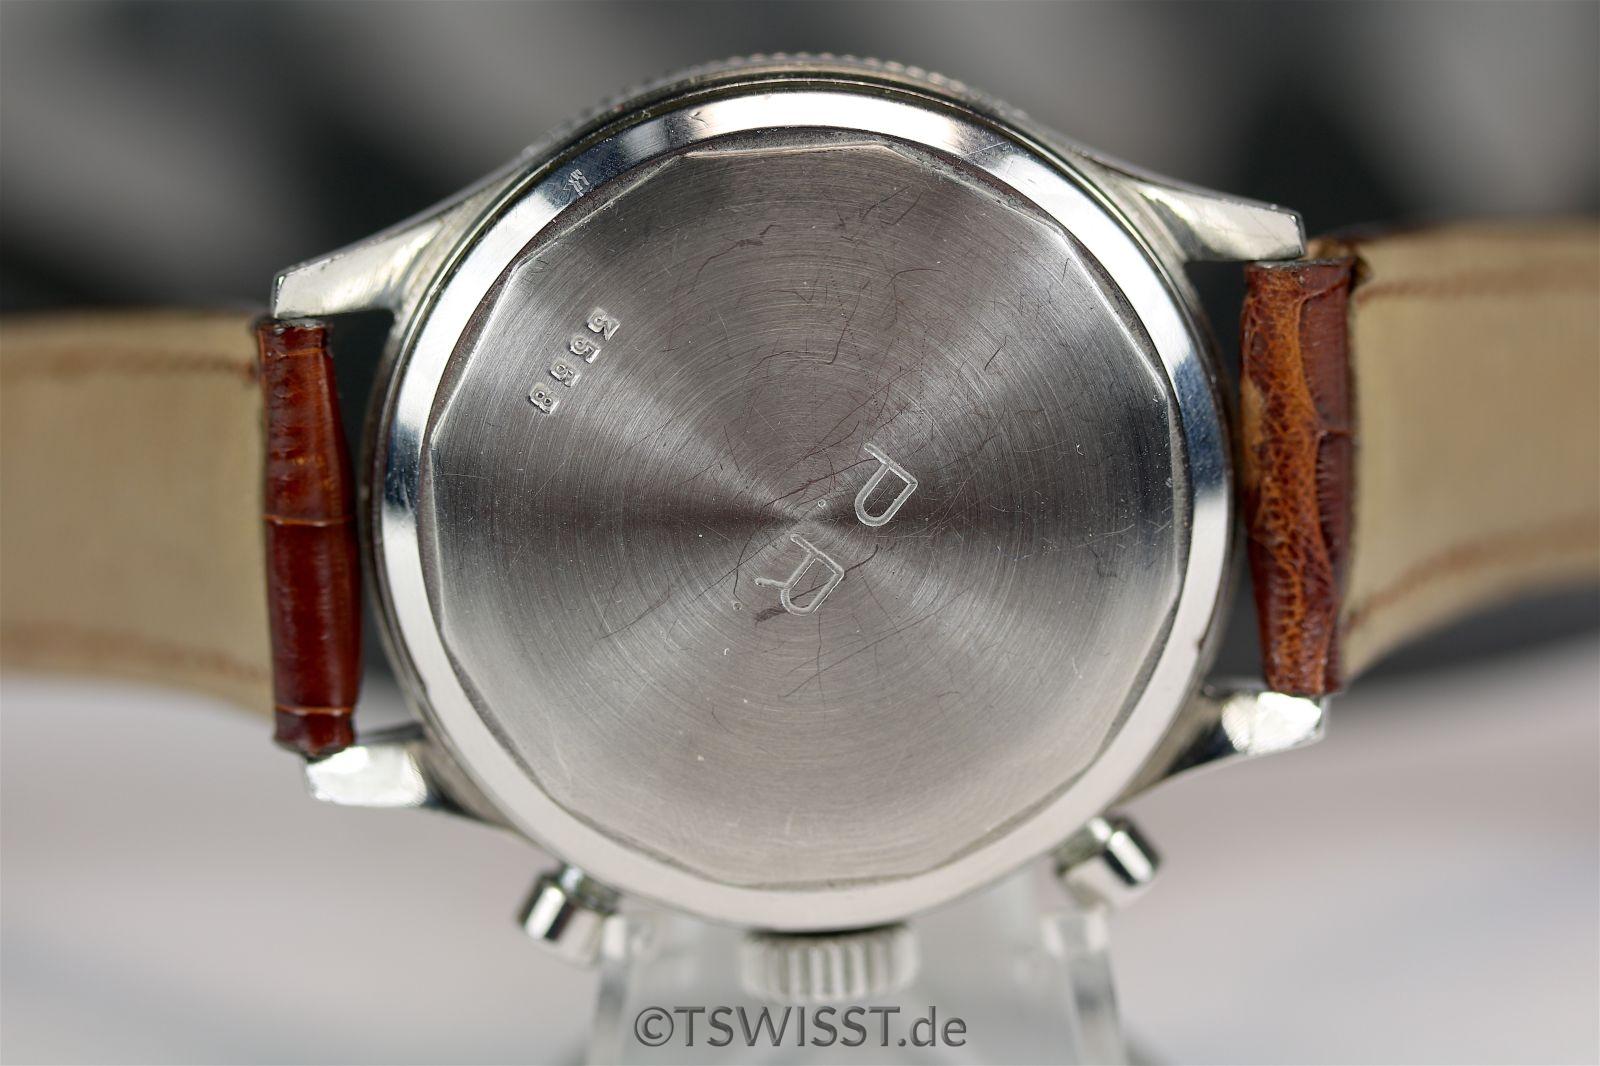 Breguet Type Xx T Swiss T The Missing Piece